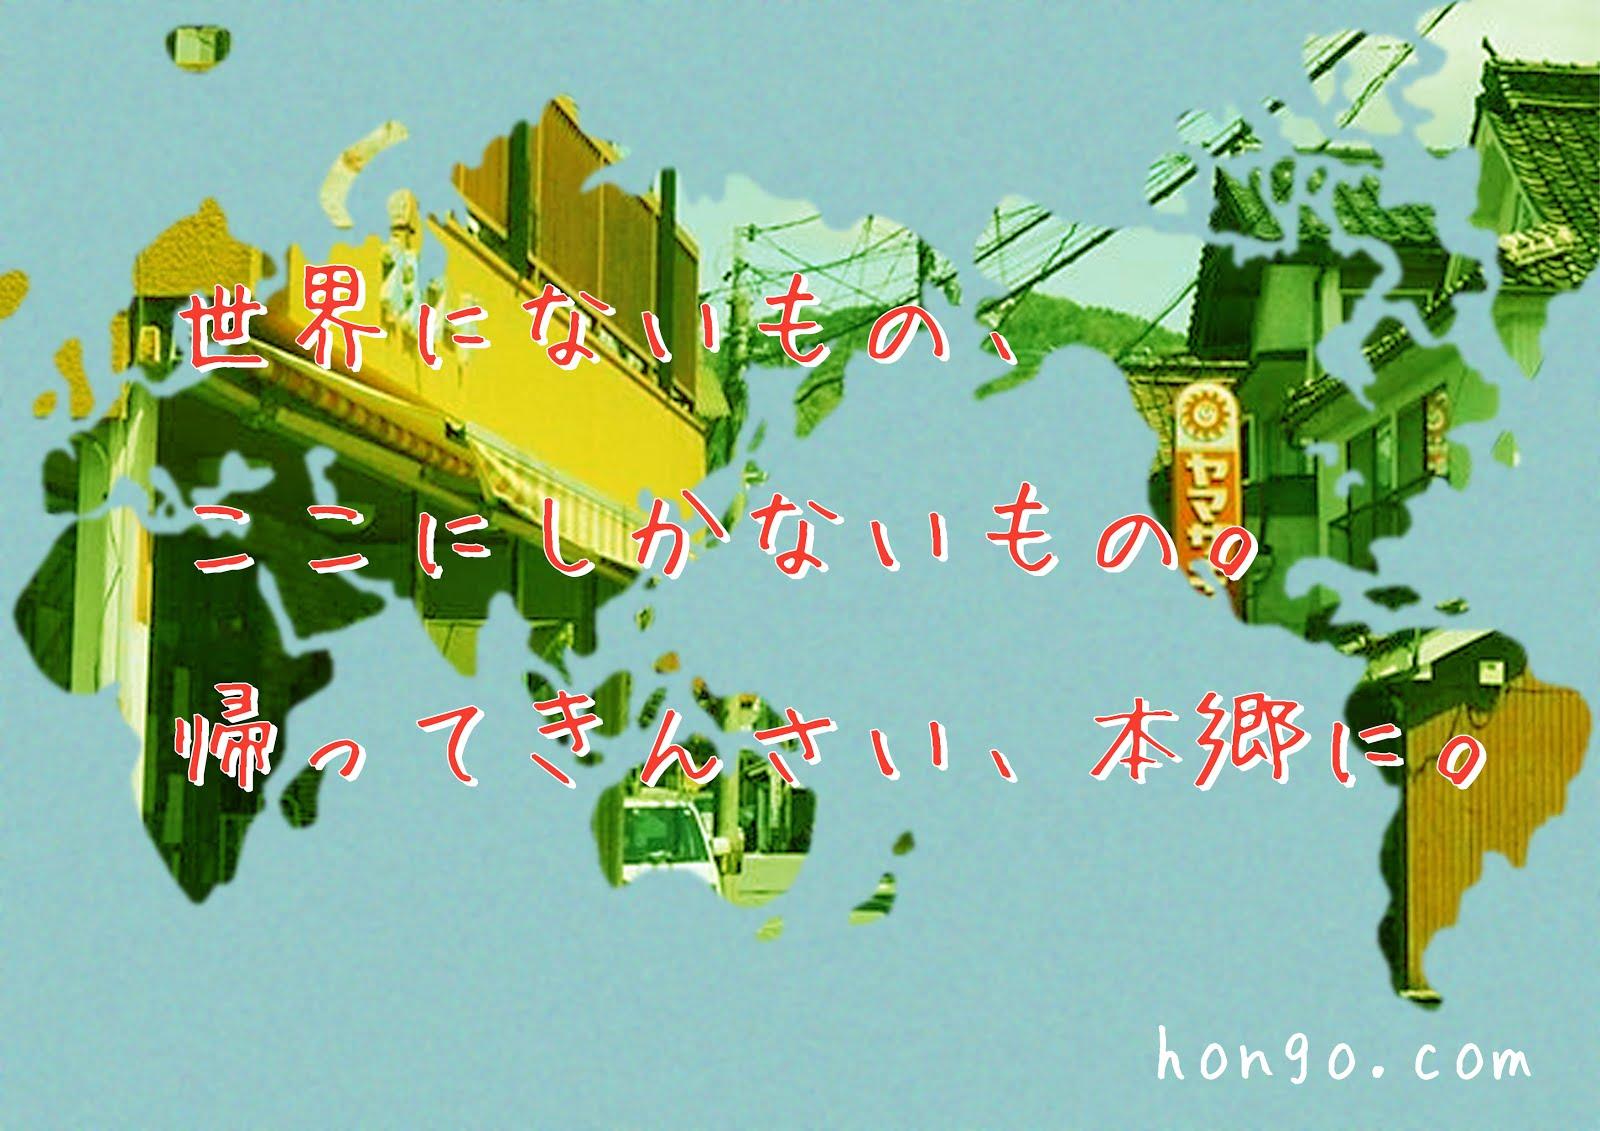 hongo.com